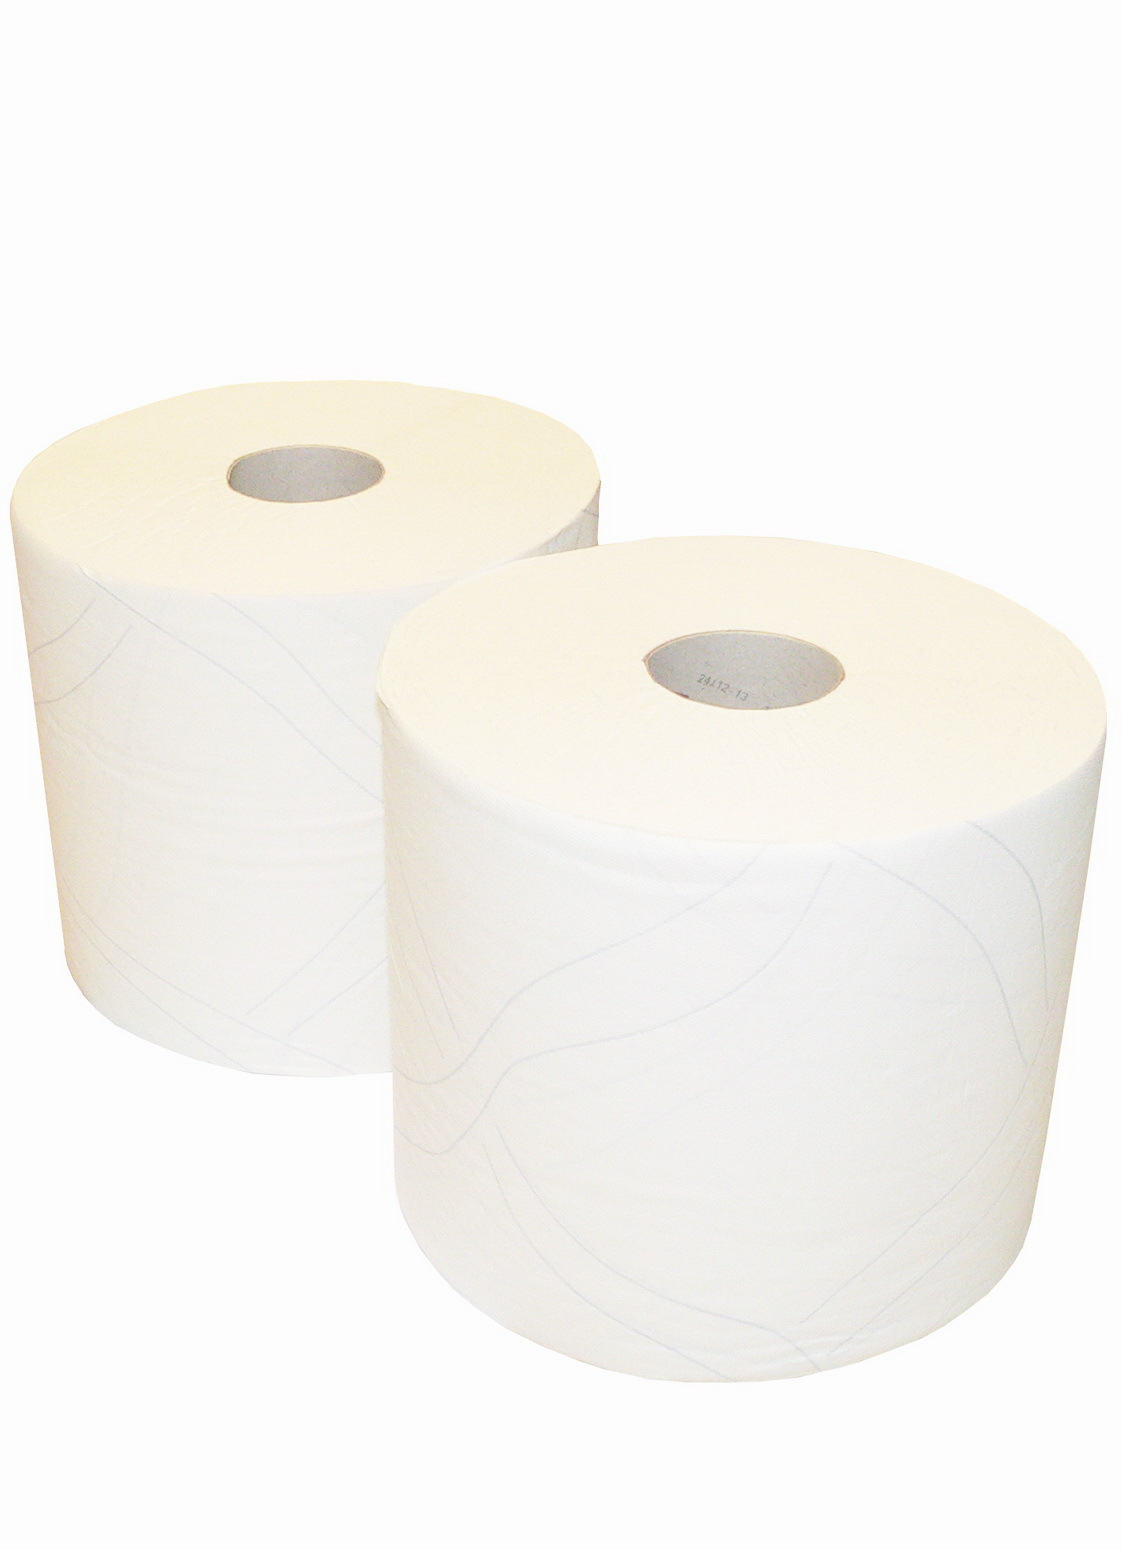 Tork-Papier 2-lagig A189, 2 Rollen à 750 Blatt